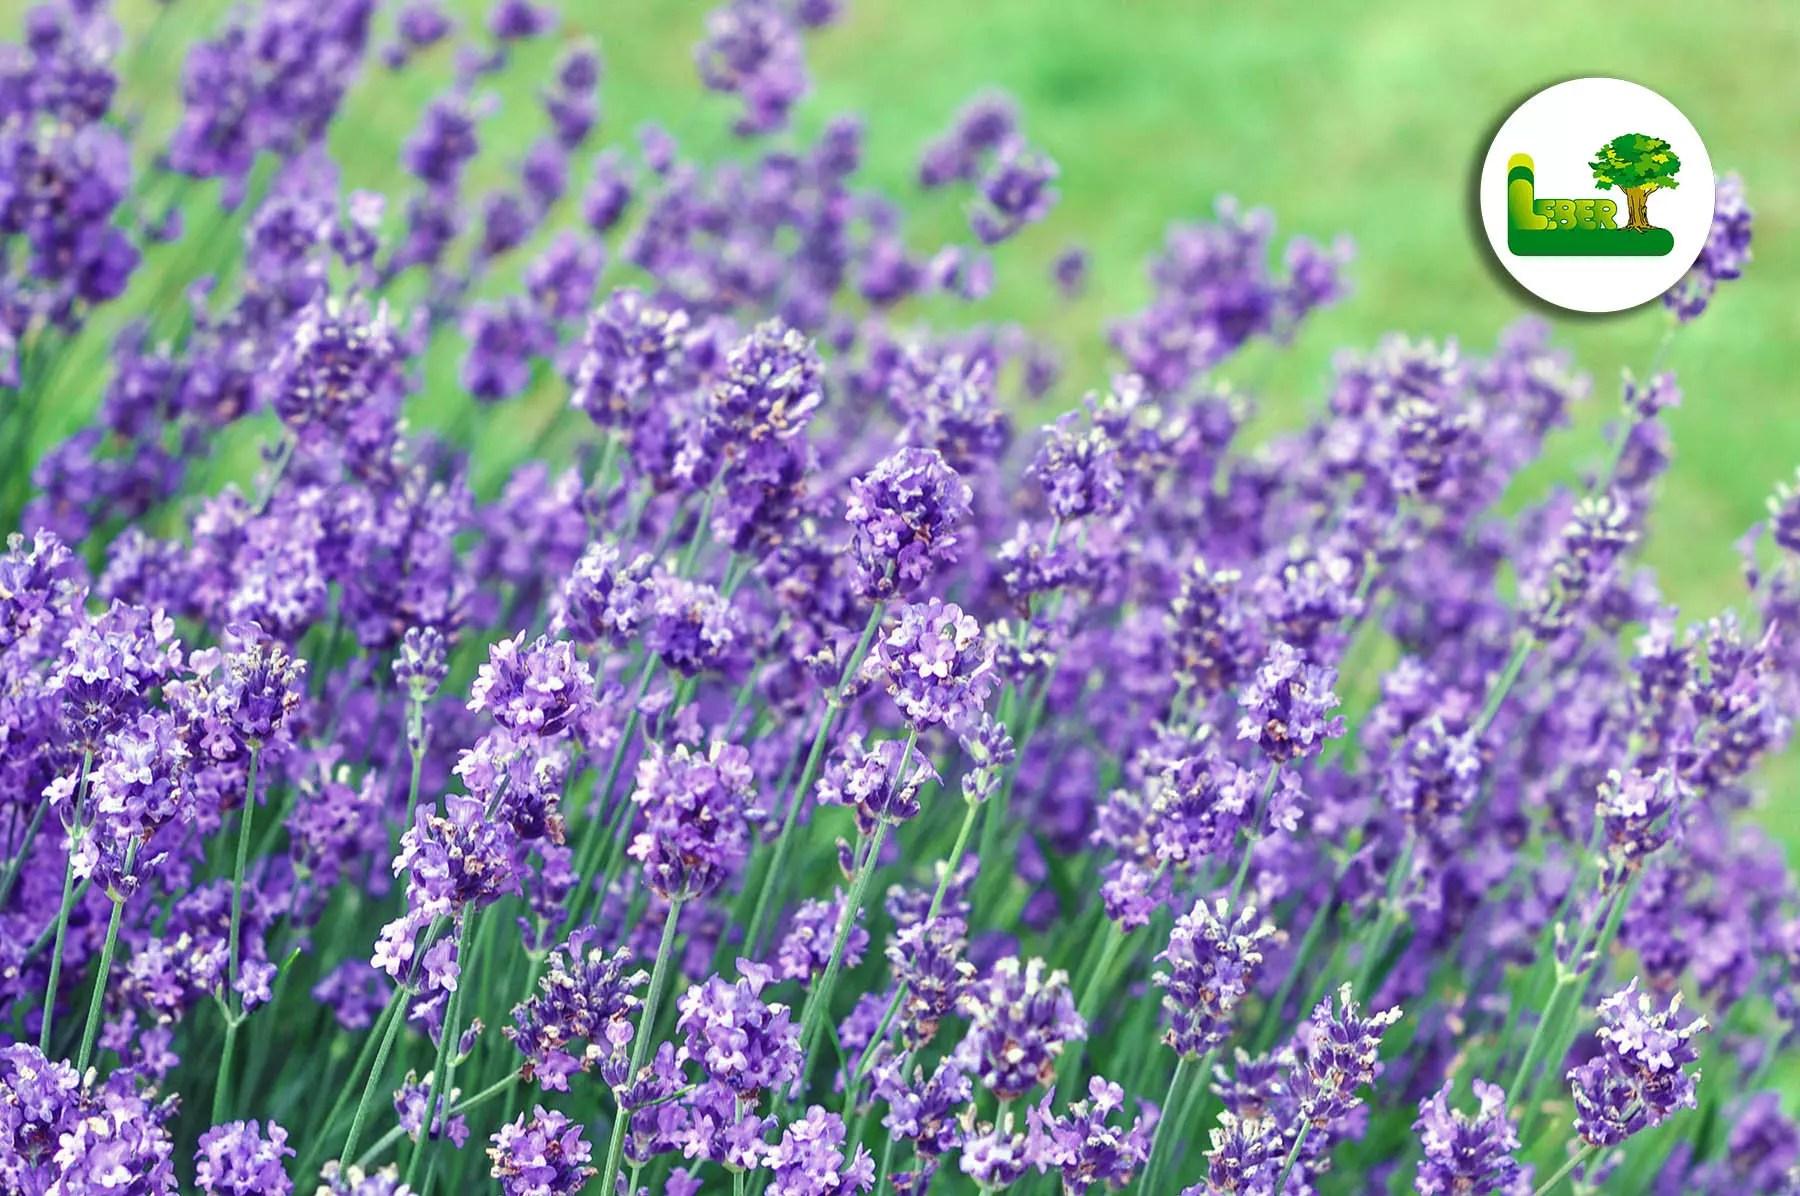 Gemeinsame Lavendel im Garten. Erfahren Sie alles. » Garten Leber Blog #GU_47